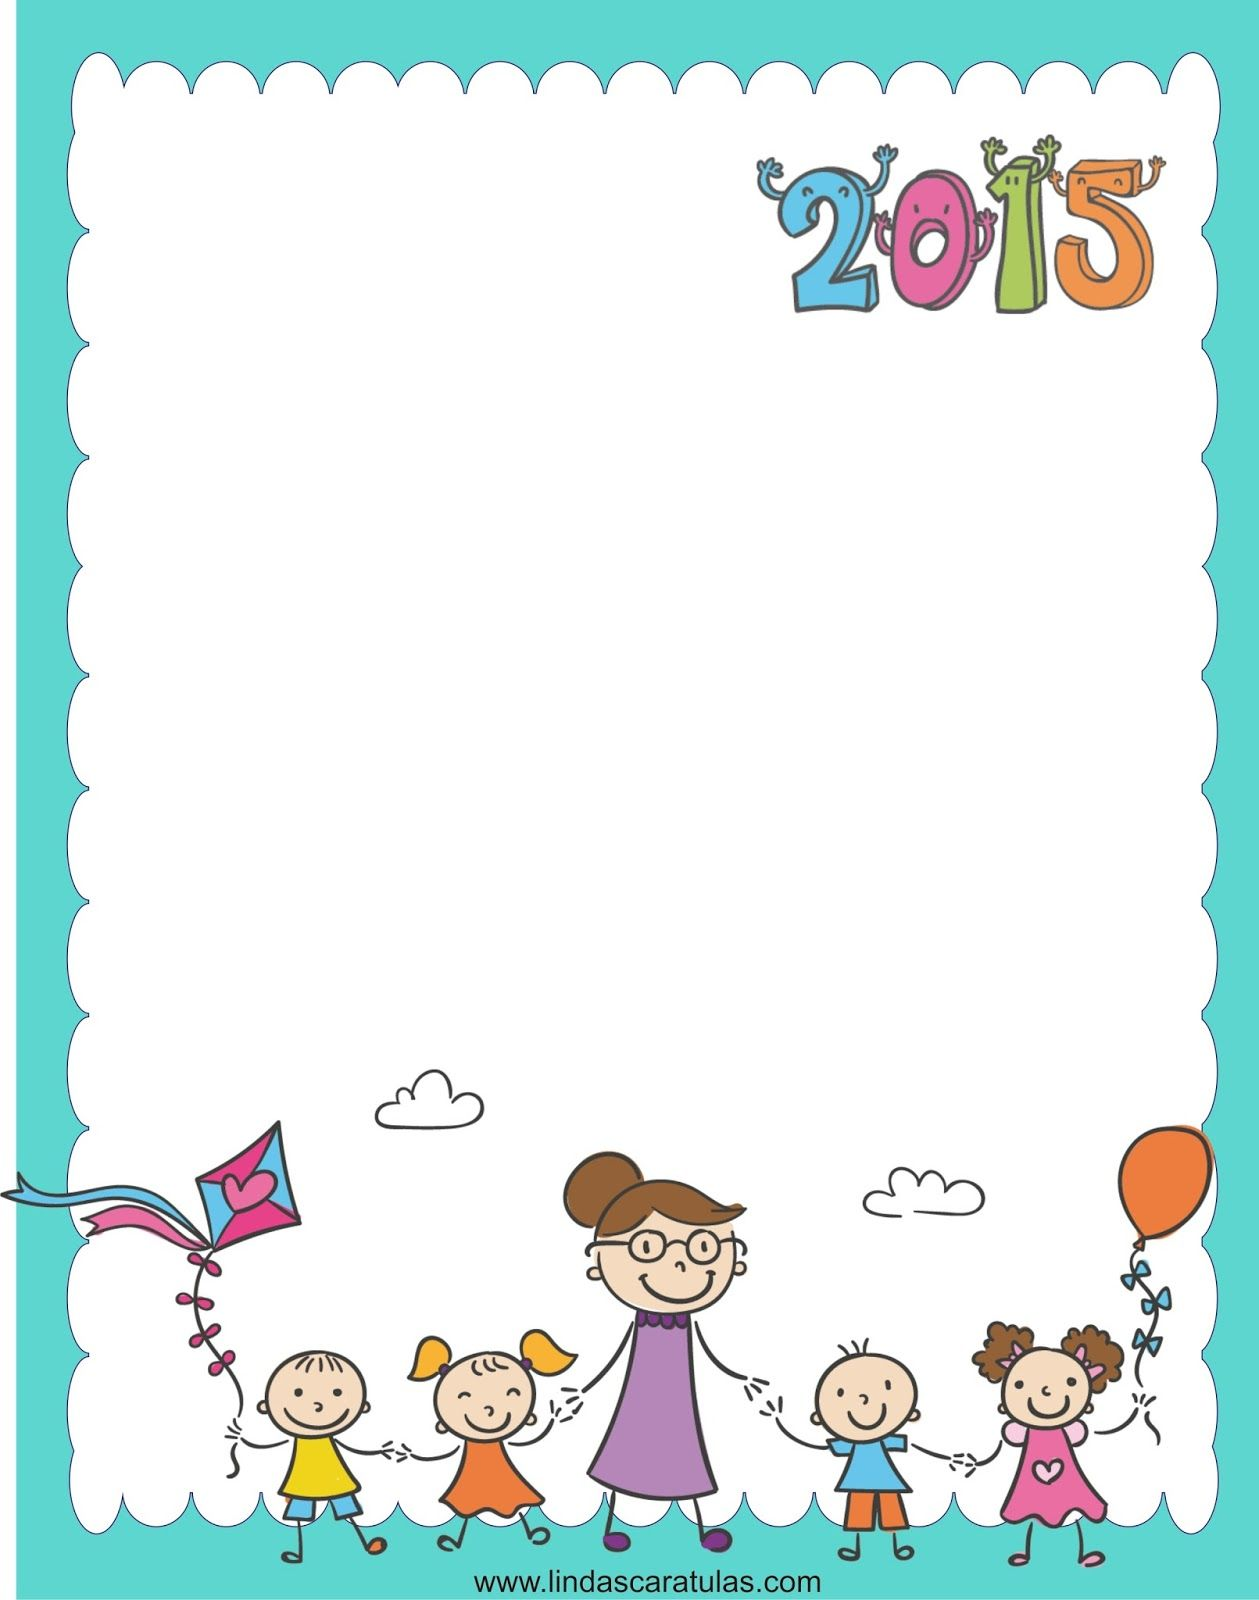 Borders for kid regreso al colegio 2015 ni os for Sticker decorativos para ninos